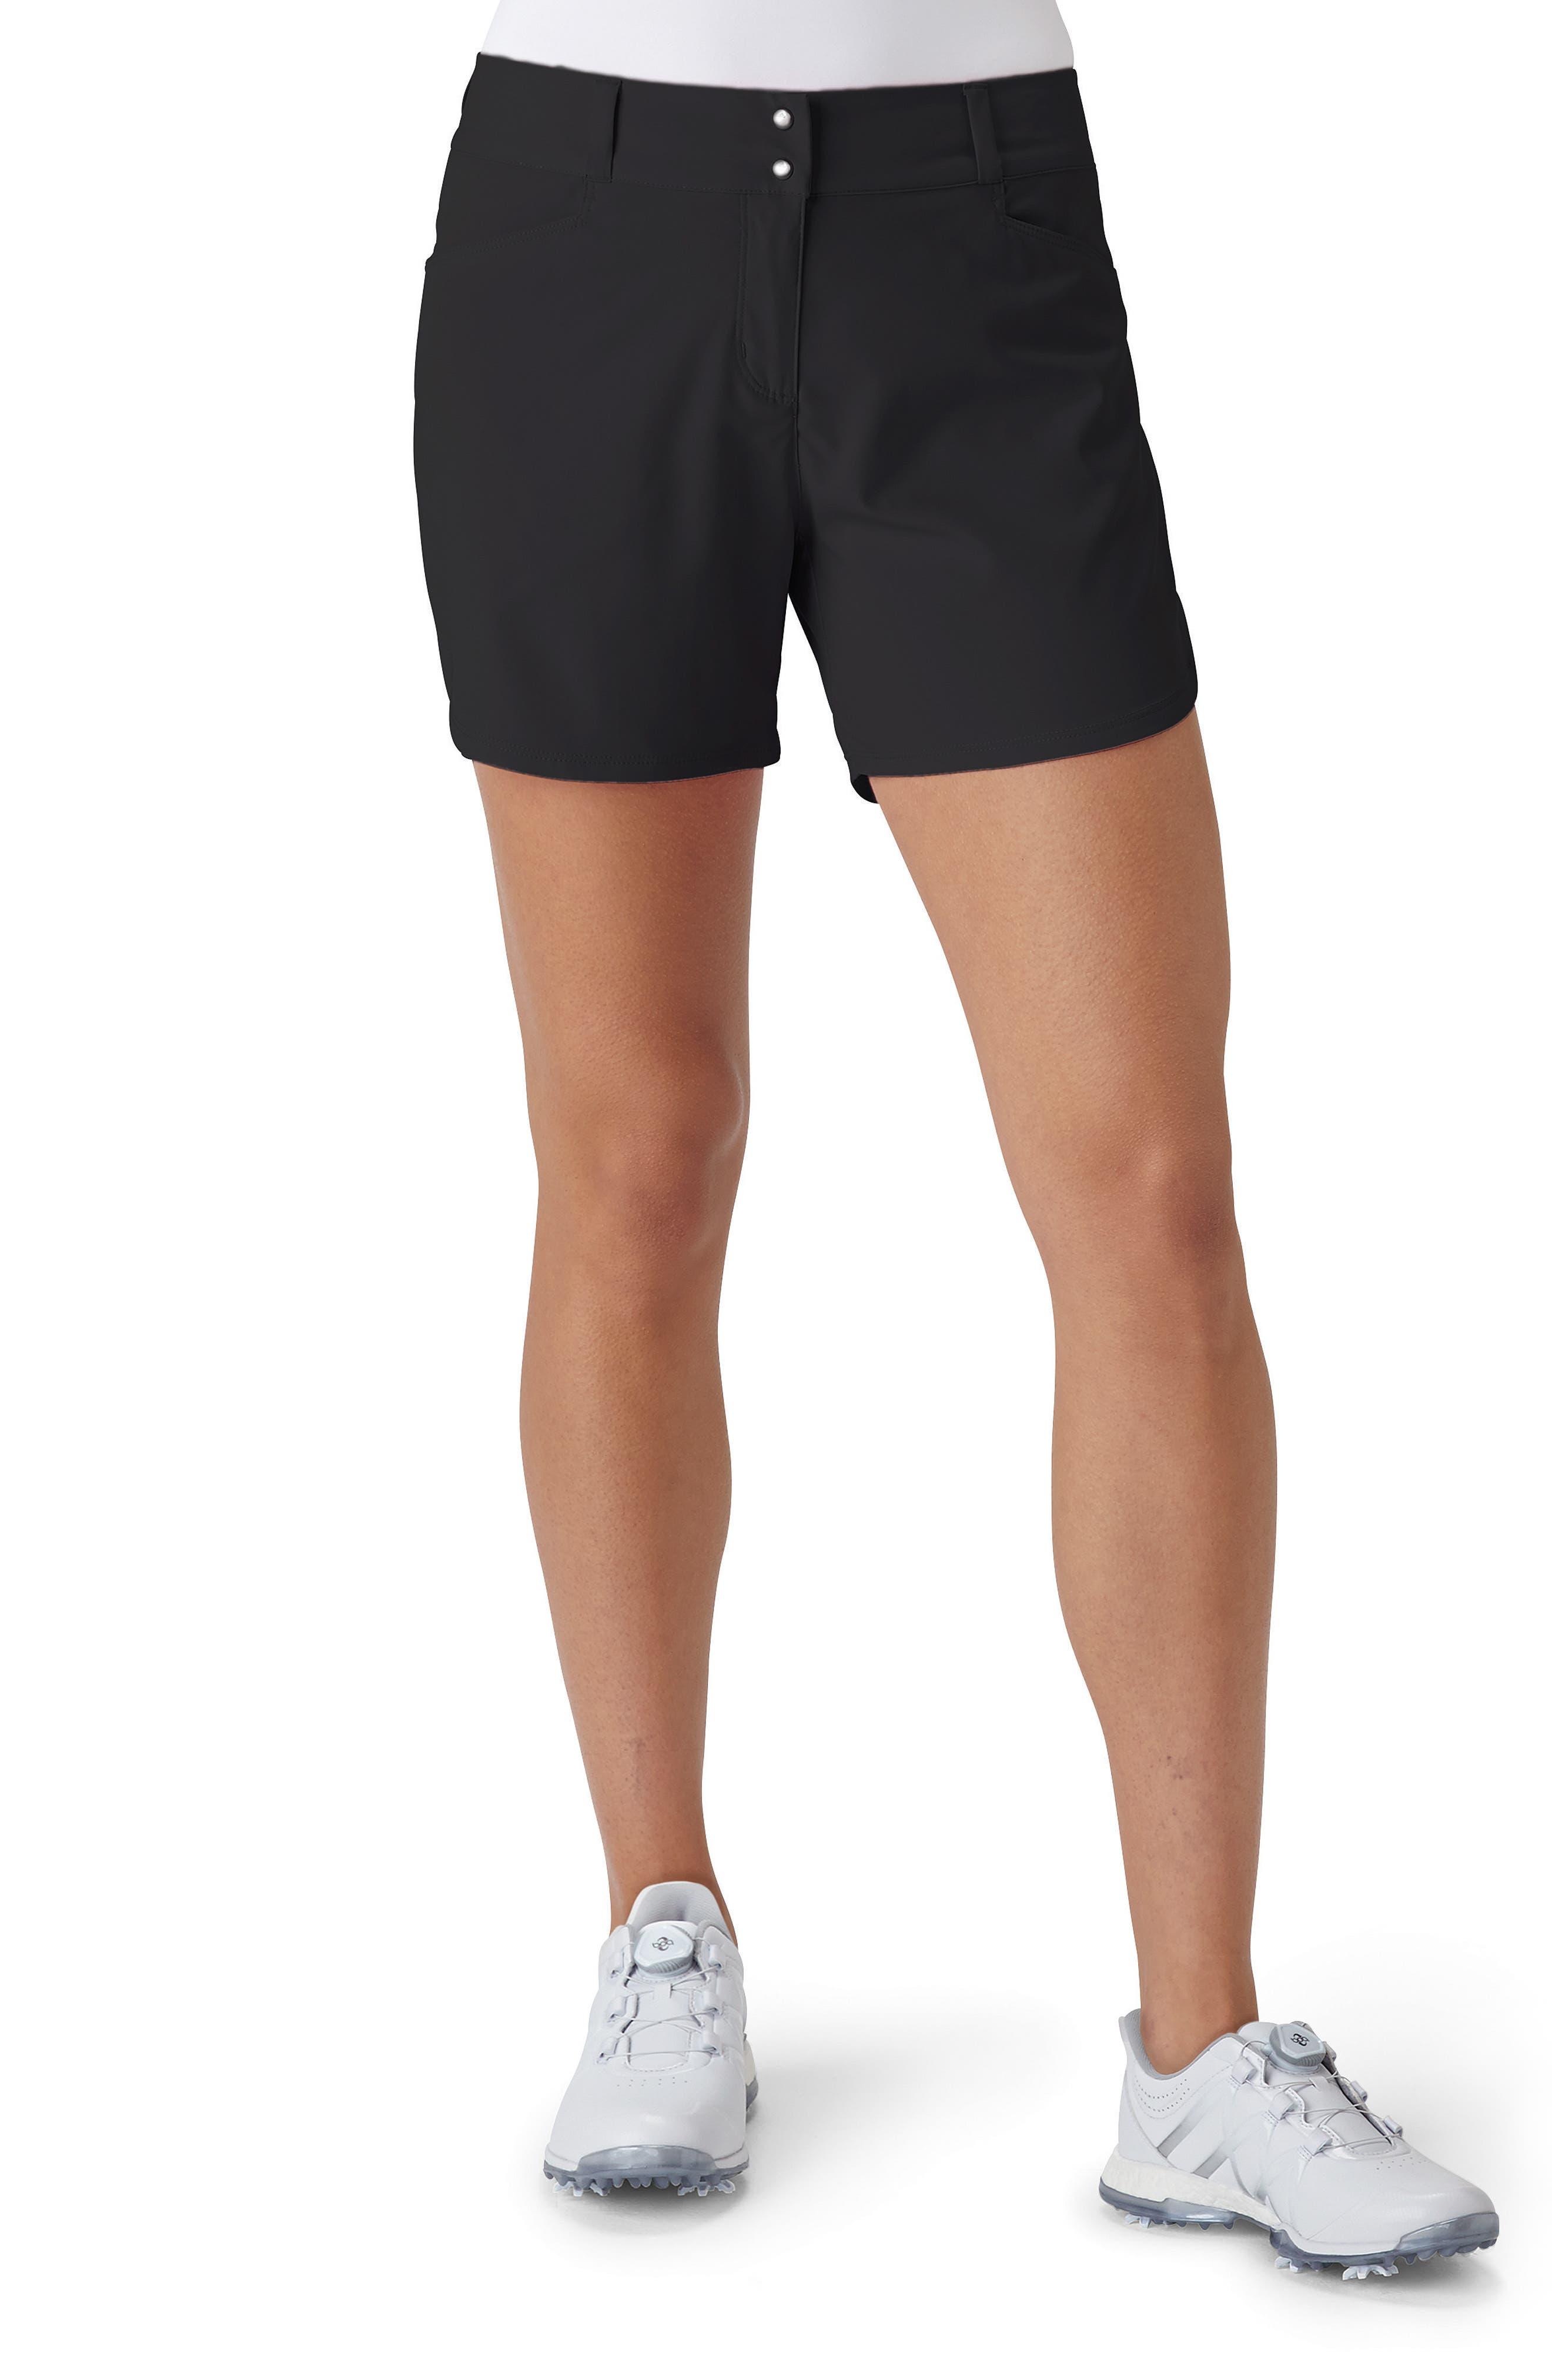 Essentials Shorts,                         Main,                         color, Black